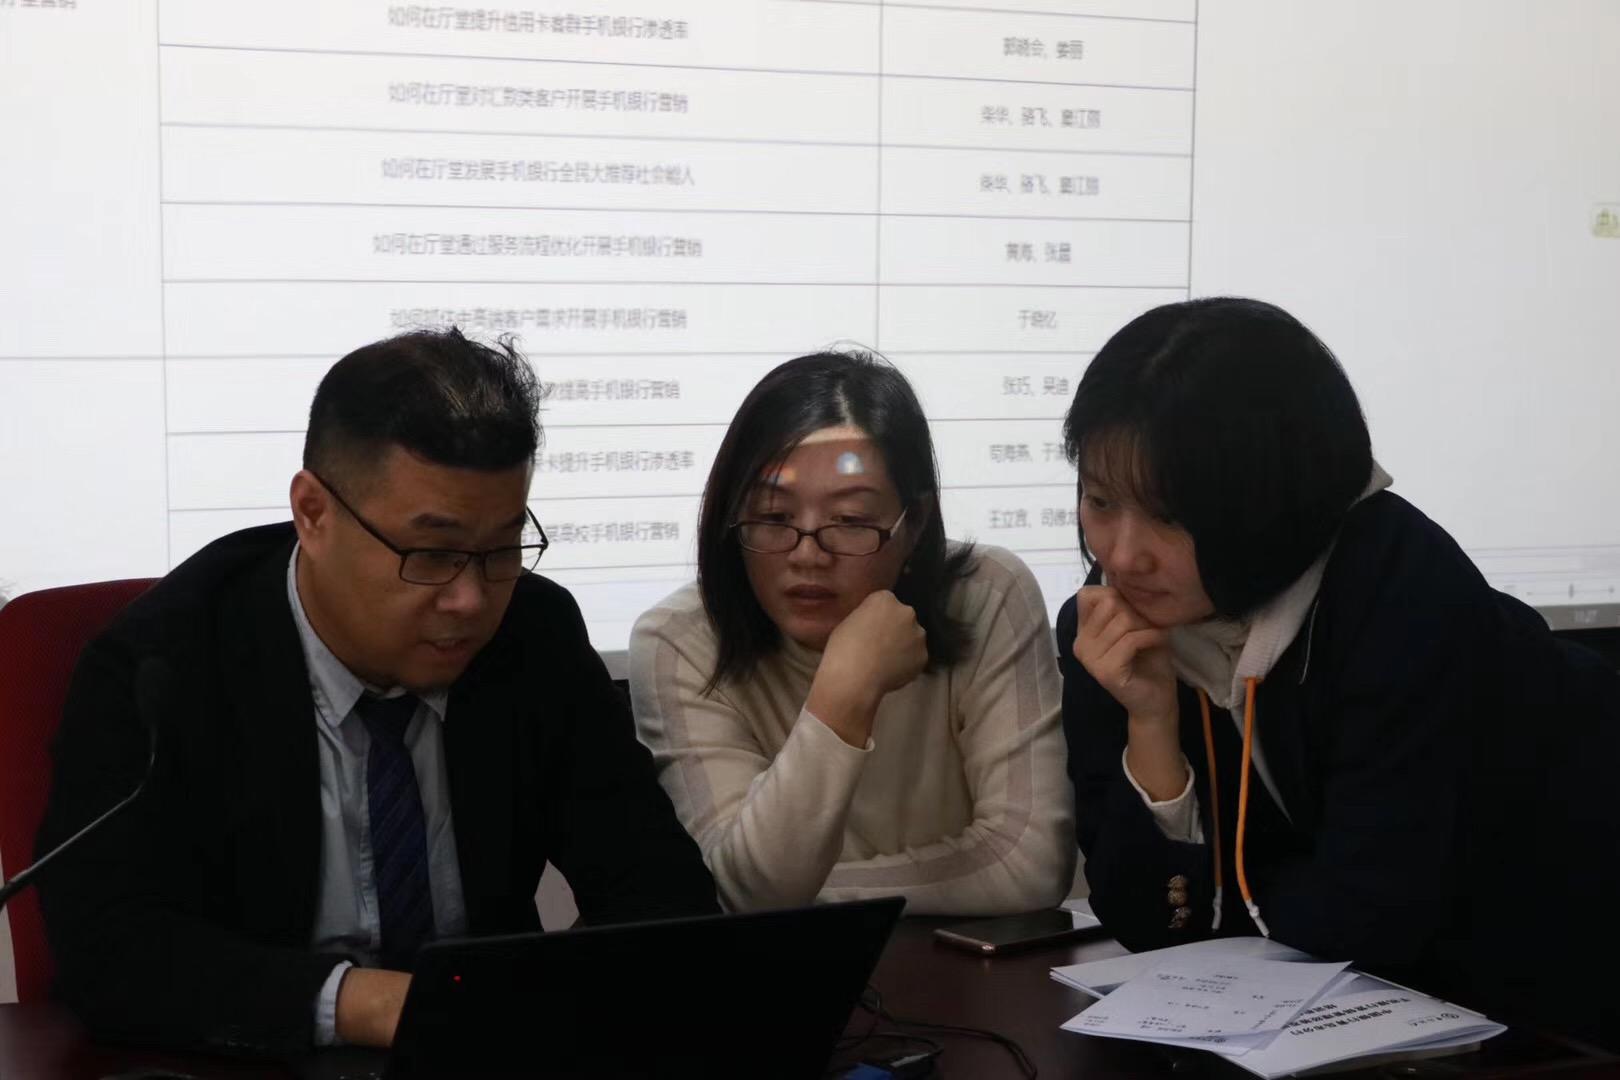 中国银行青岛分行《BEST高能经验萃取》 培训师邱伟